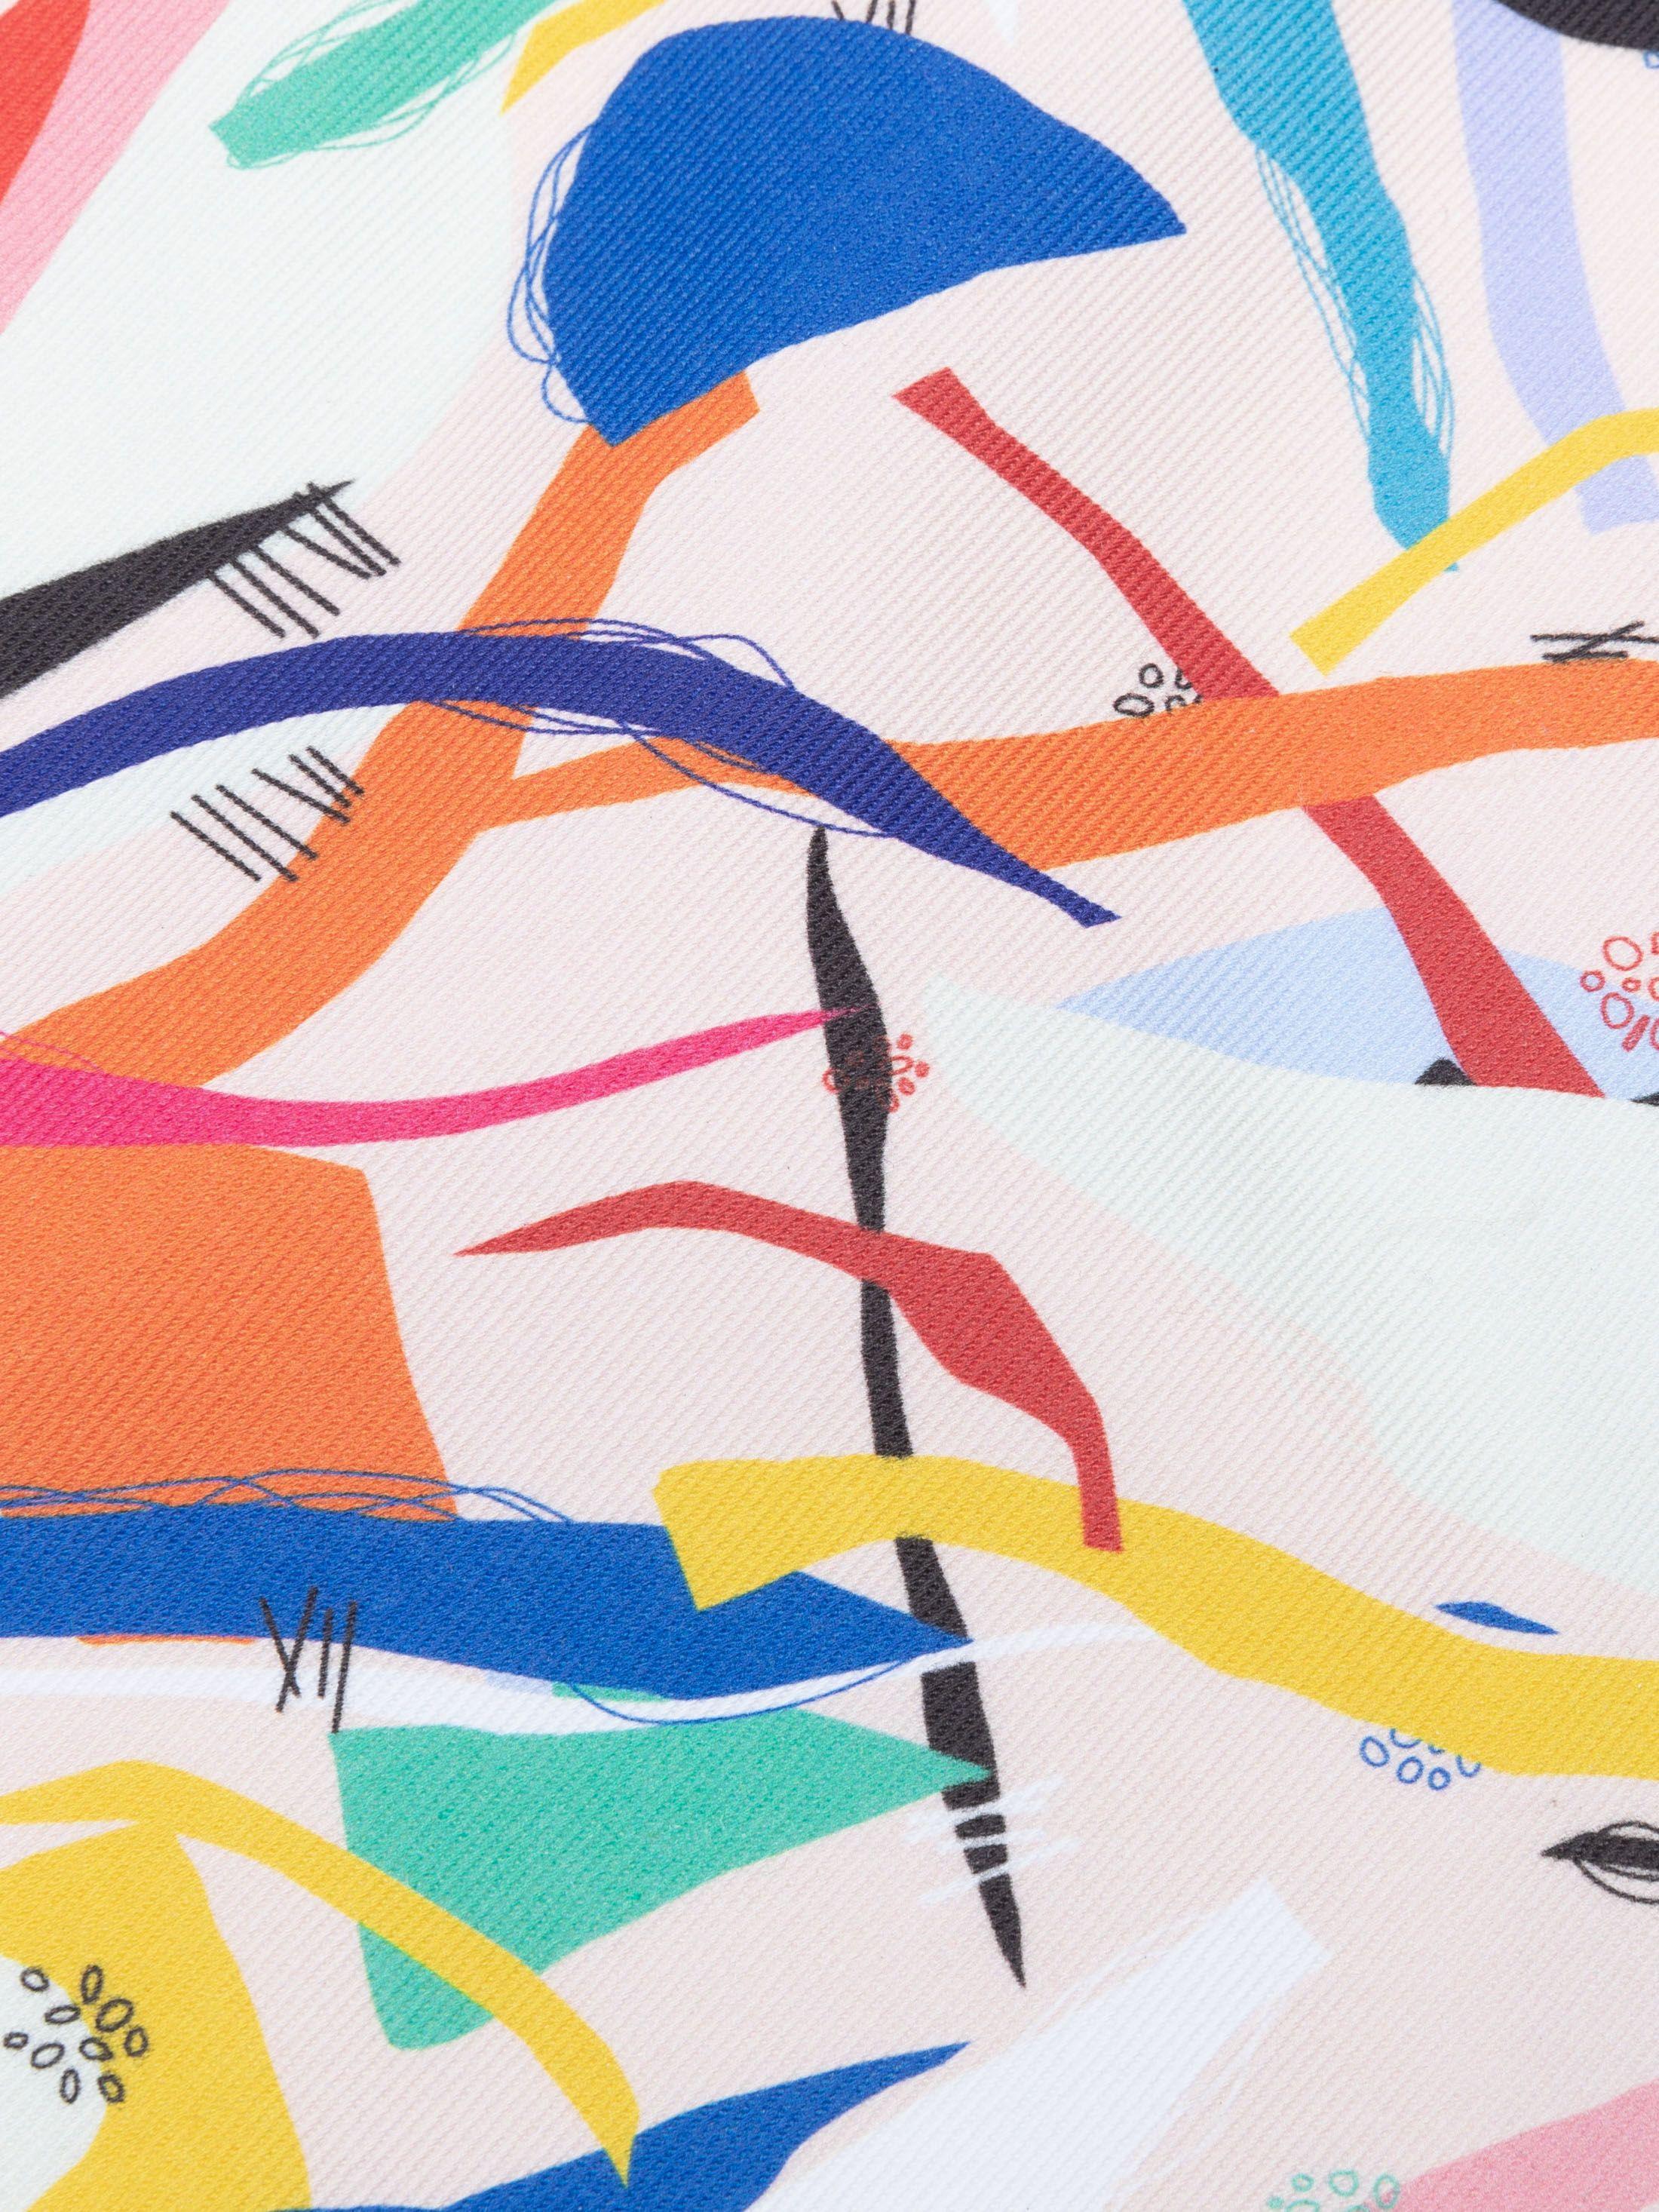 10 oz denim stof met jouw ontwerpen bedrukt gevouwen